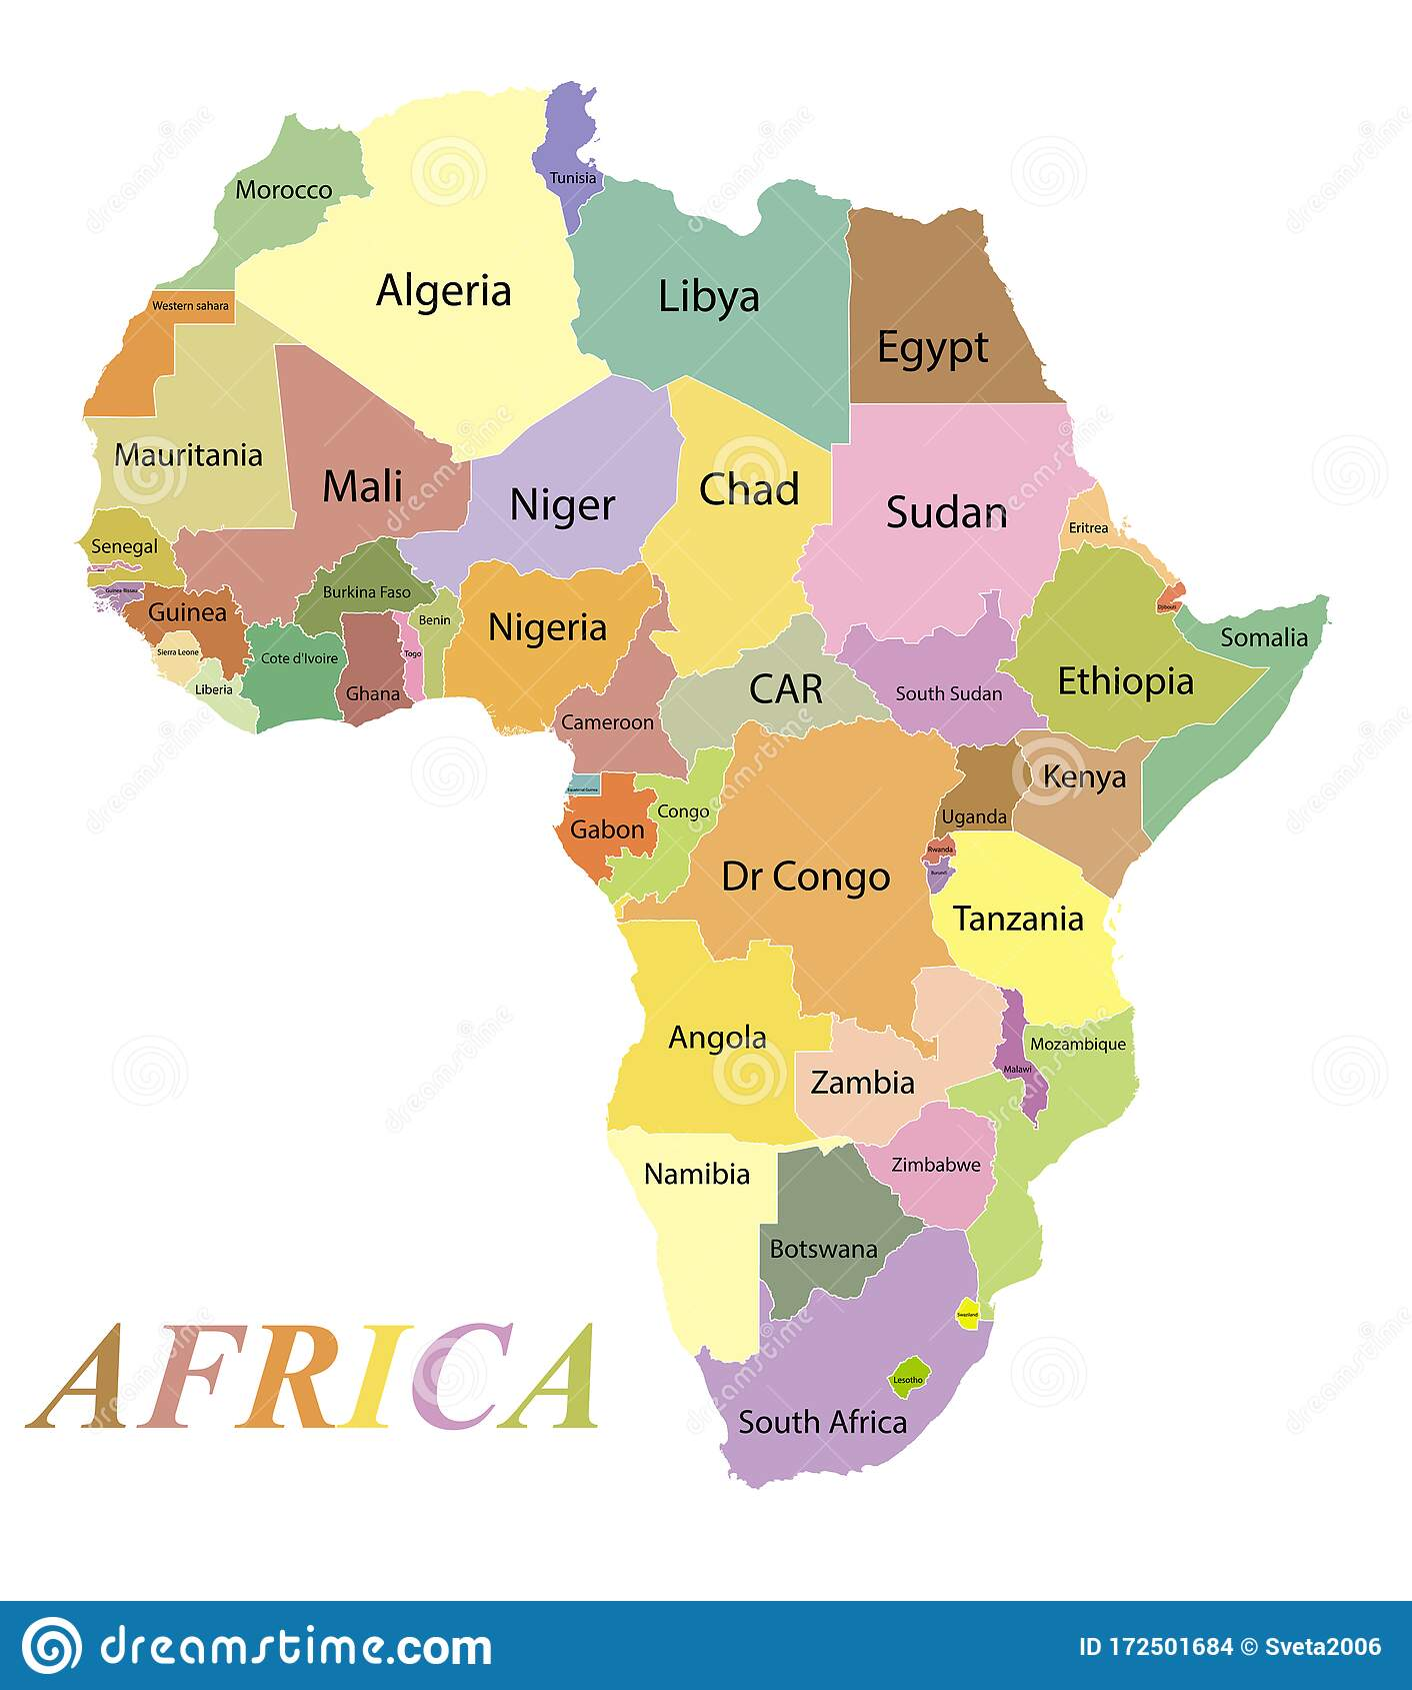 Cartina Africa Egitto.Mappa A Colori Dell Africa Con I Nomi Dei Paesi Illustrazione Vettoriale Illustrazione Di Economia Annotazione 172501684